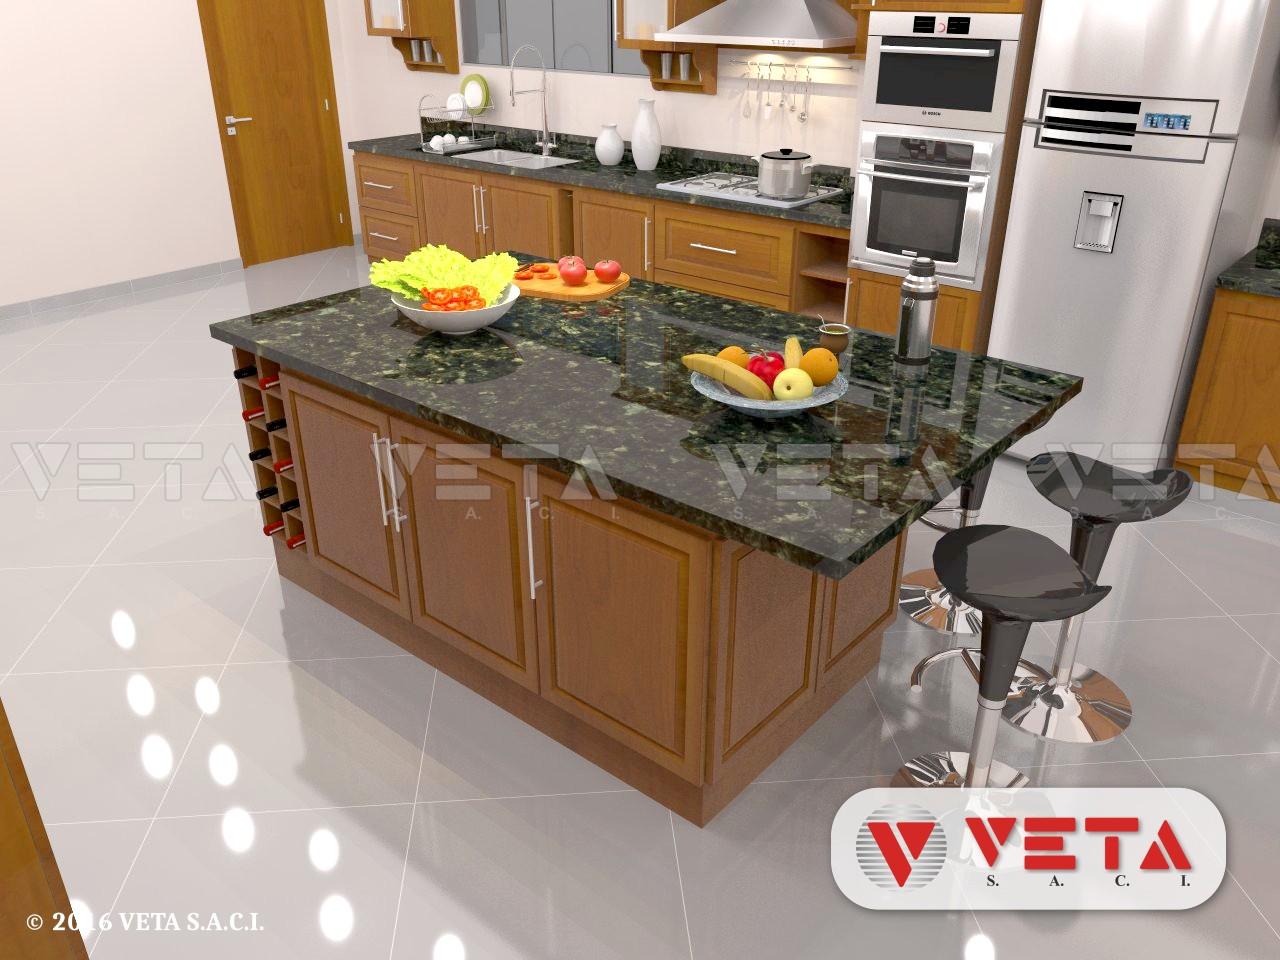 Amoblamiento de cocina con desayunador y cristalero veta for Desayunador para cocina